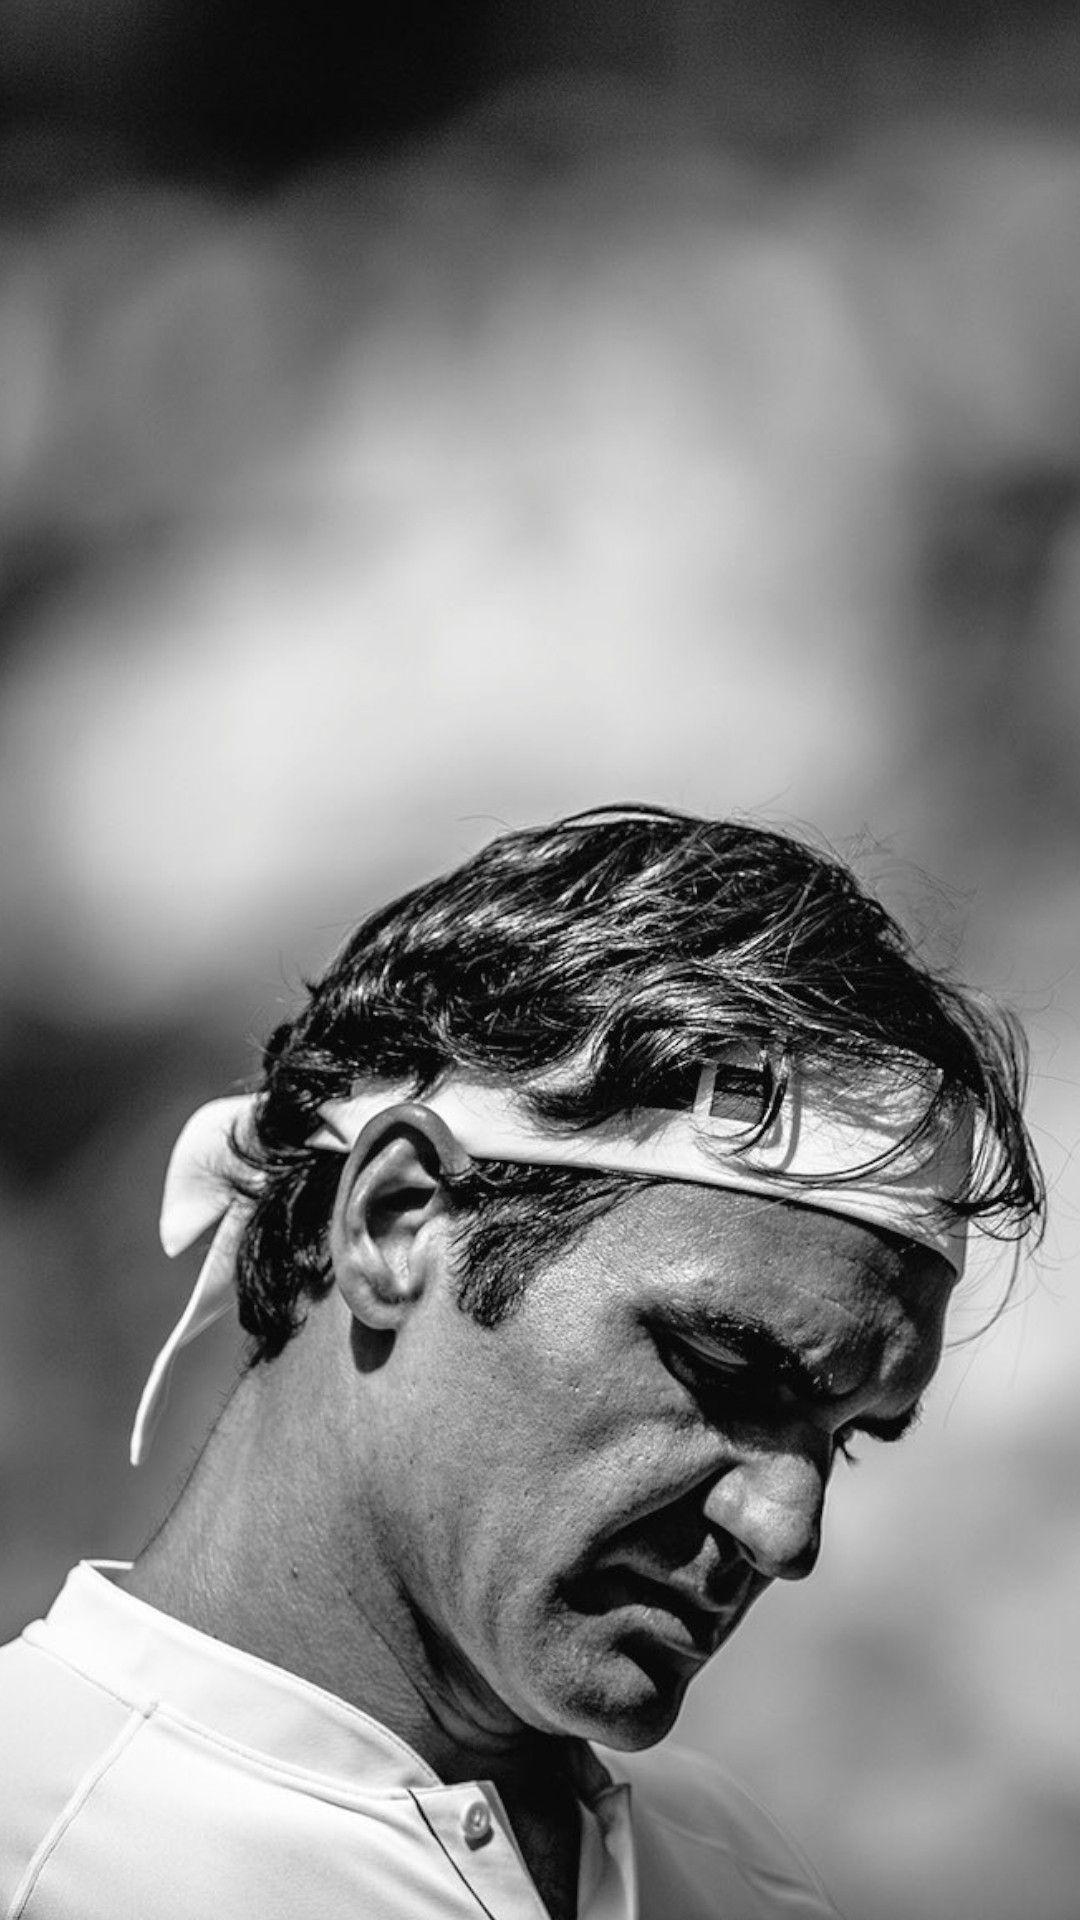 Roger Federer Roger Federer Roger Federer Quotes Tennis Legends